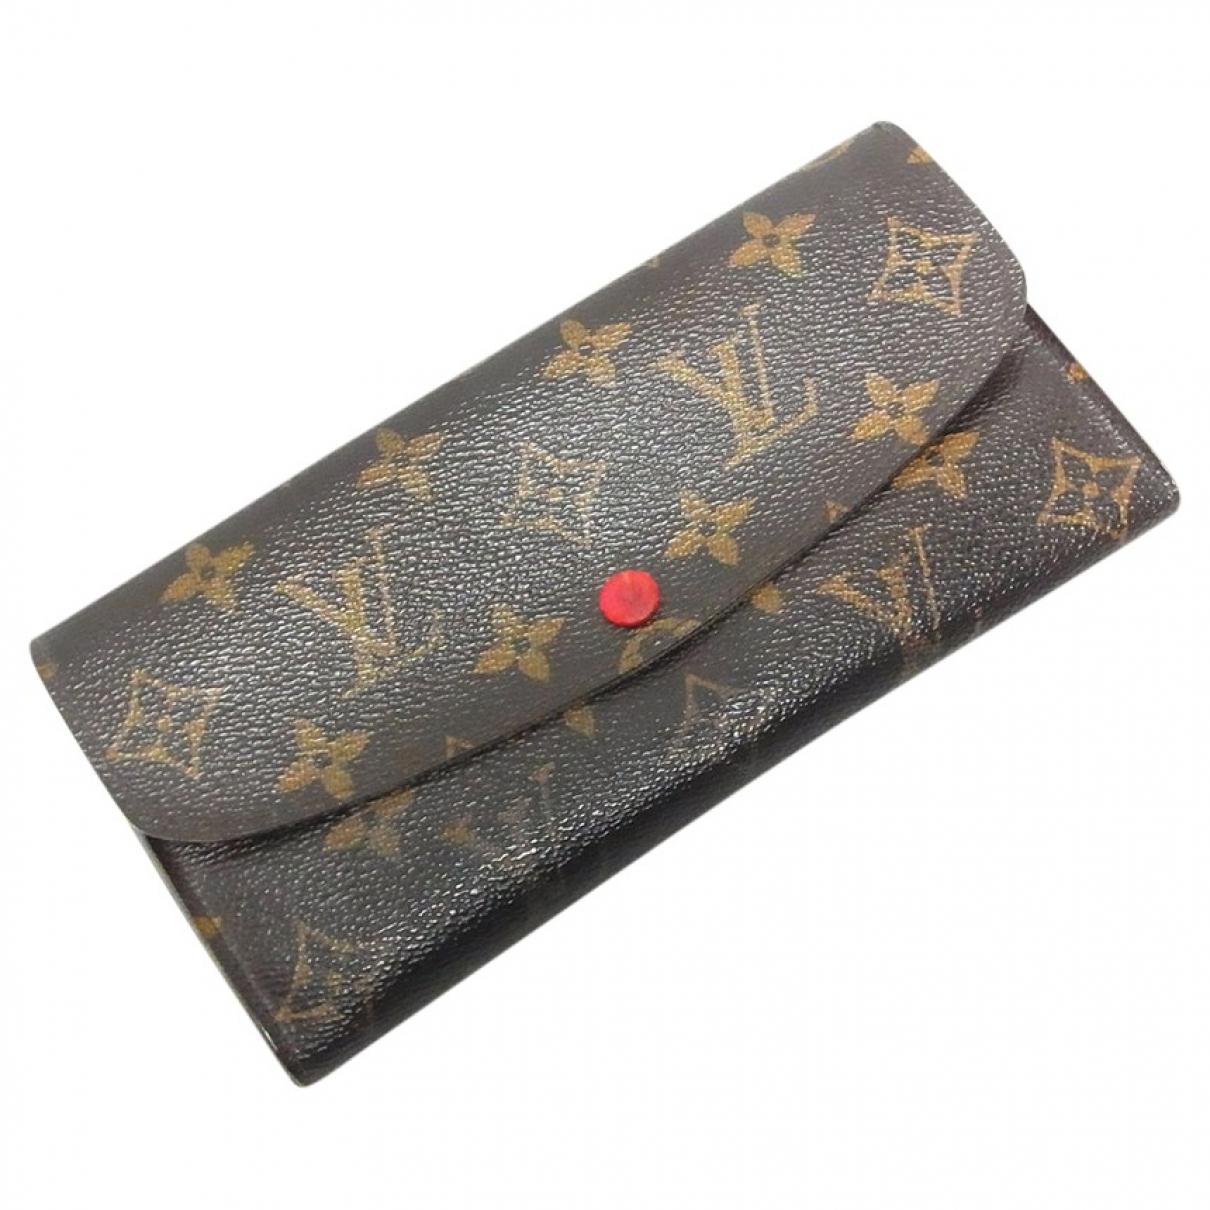 Louis Vuitton - Portefeuille Emilie pour femme en toile - marron